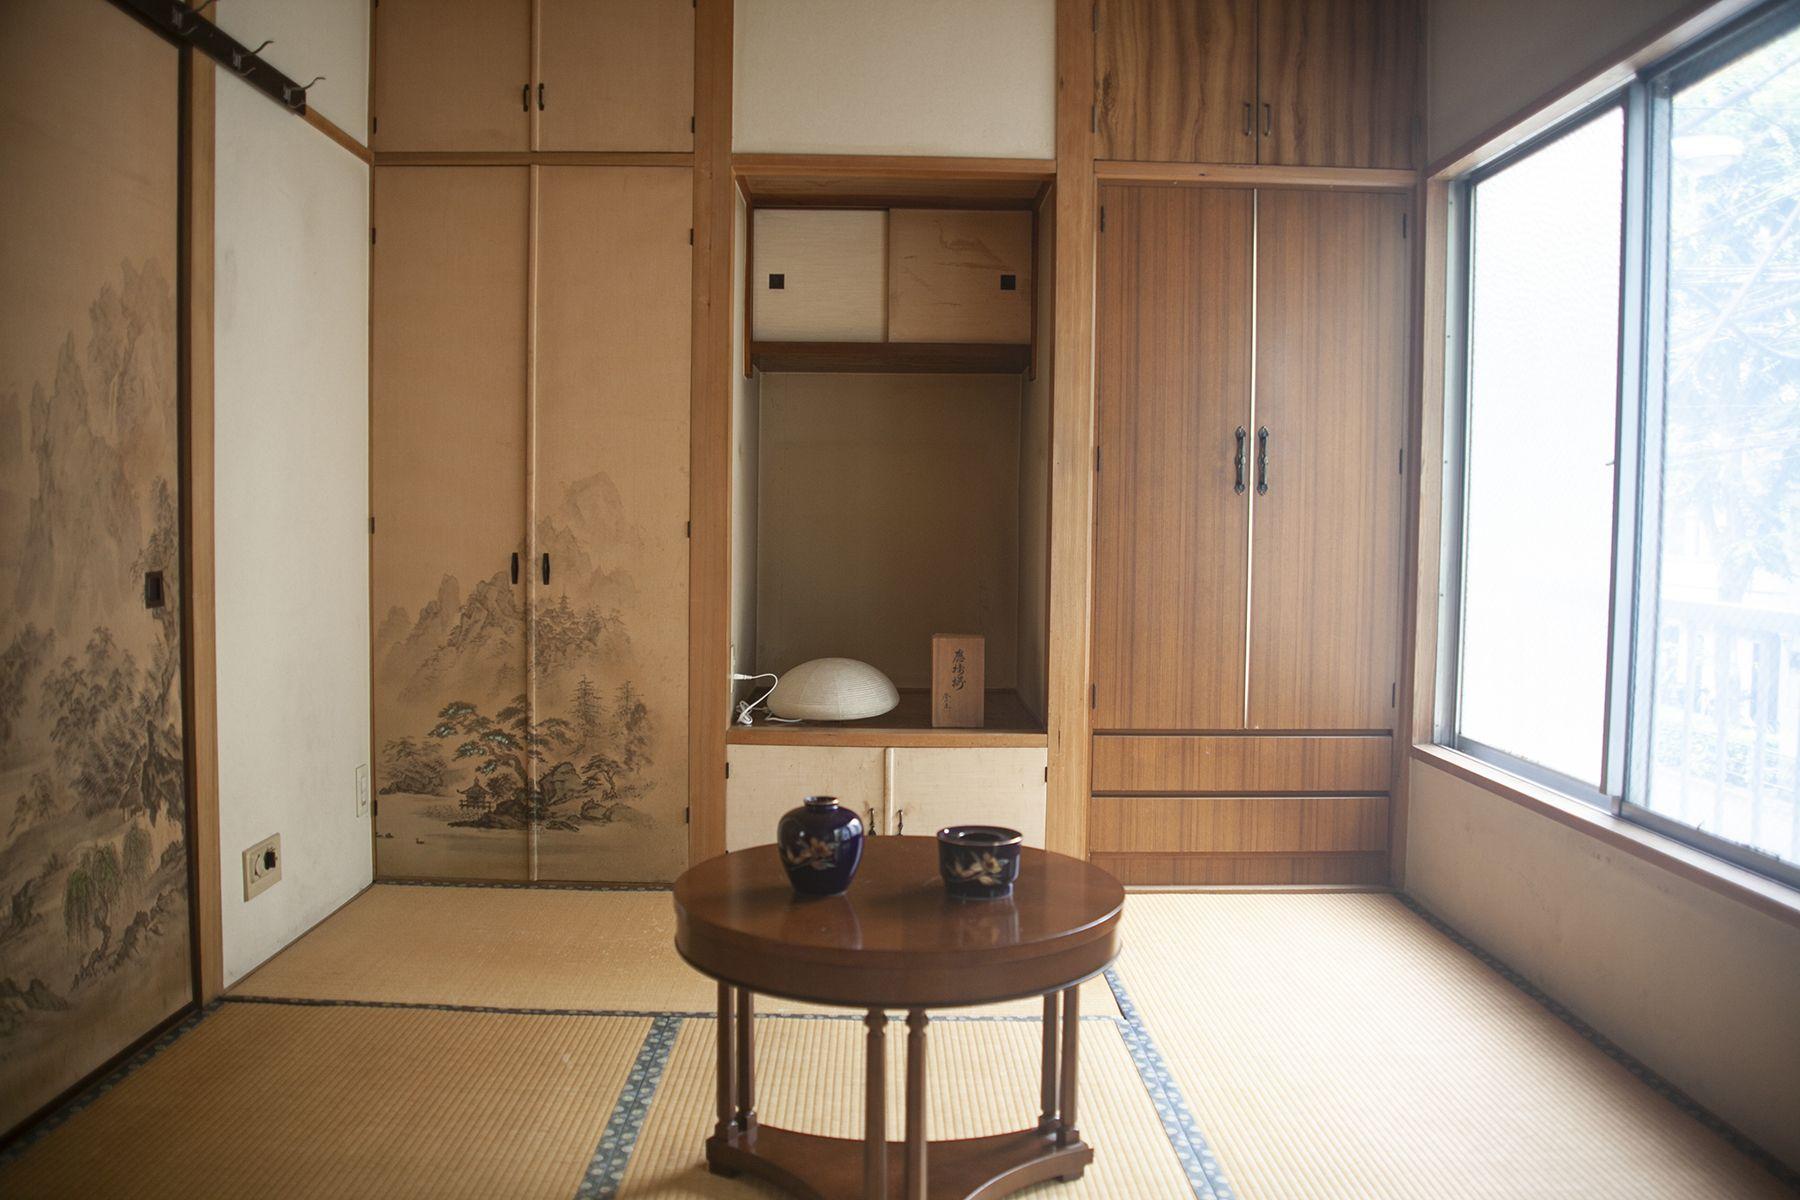 塩/シェアアトリエ (ropeマネジメントスペース)2F 丸テーブルで純和室にも